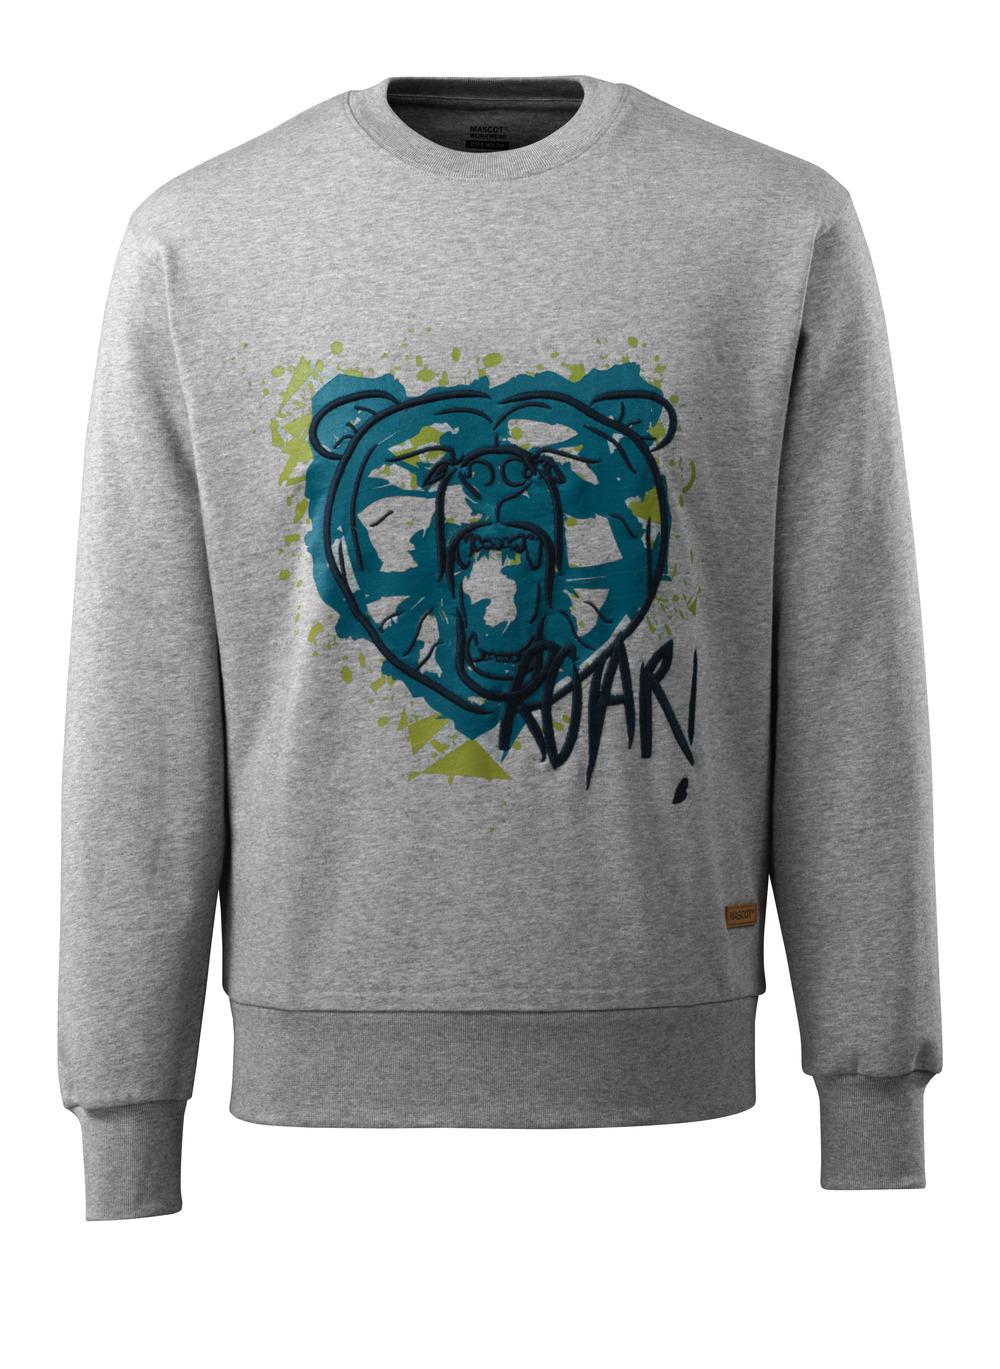 17284-280-08 Sweatshirt - Gris